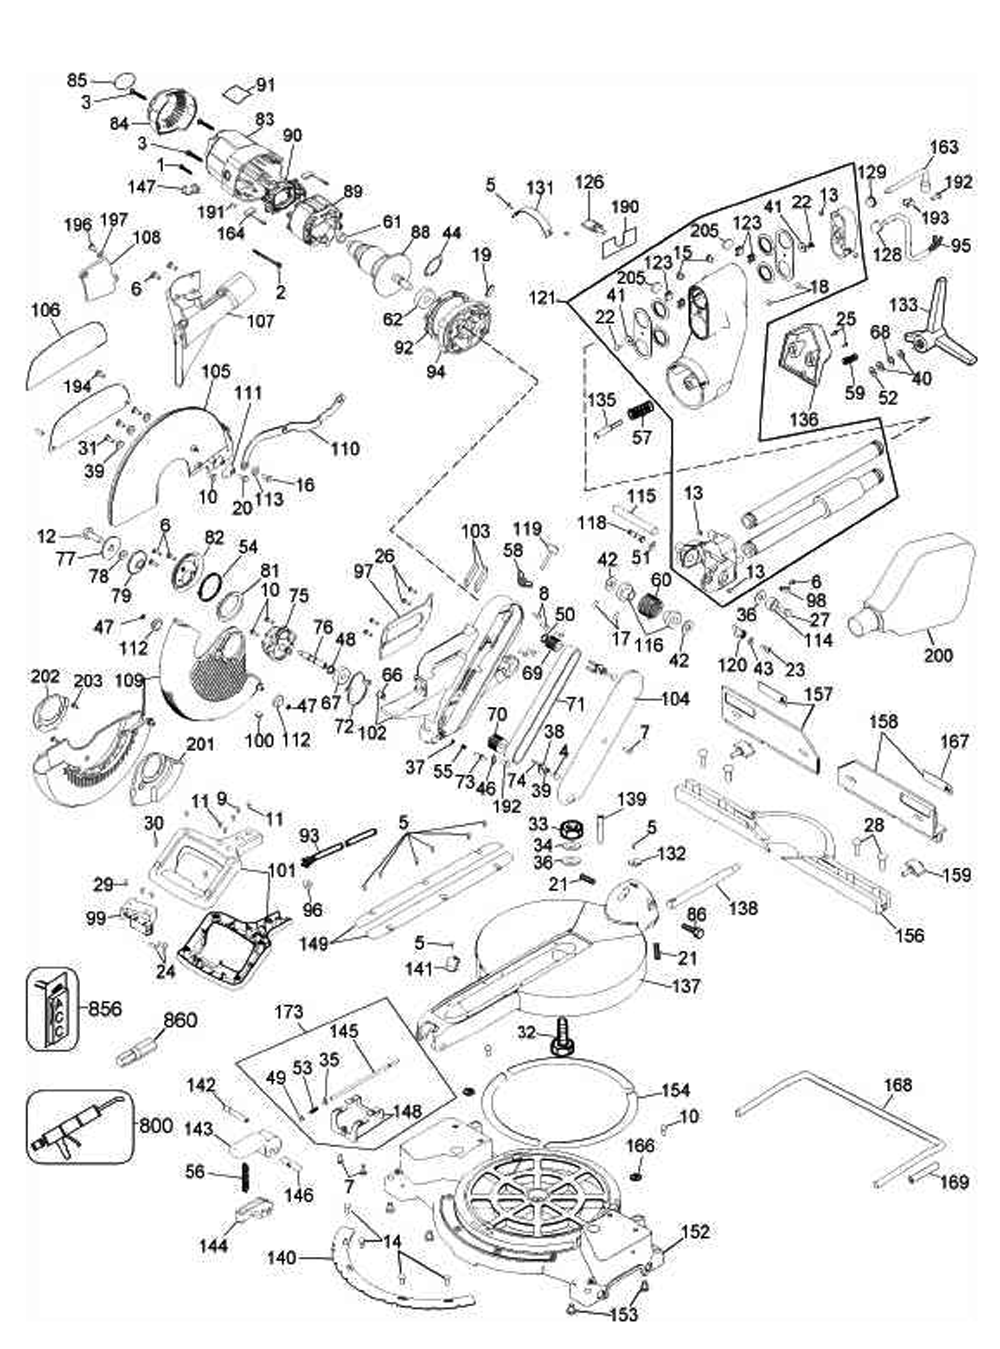 Dewalt Manual for dw705